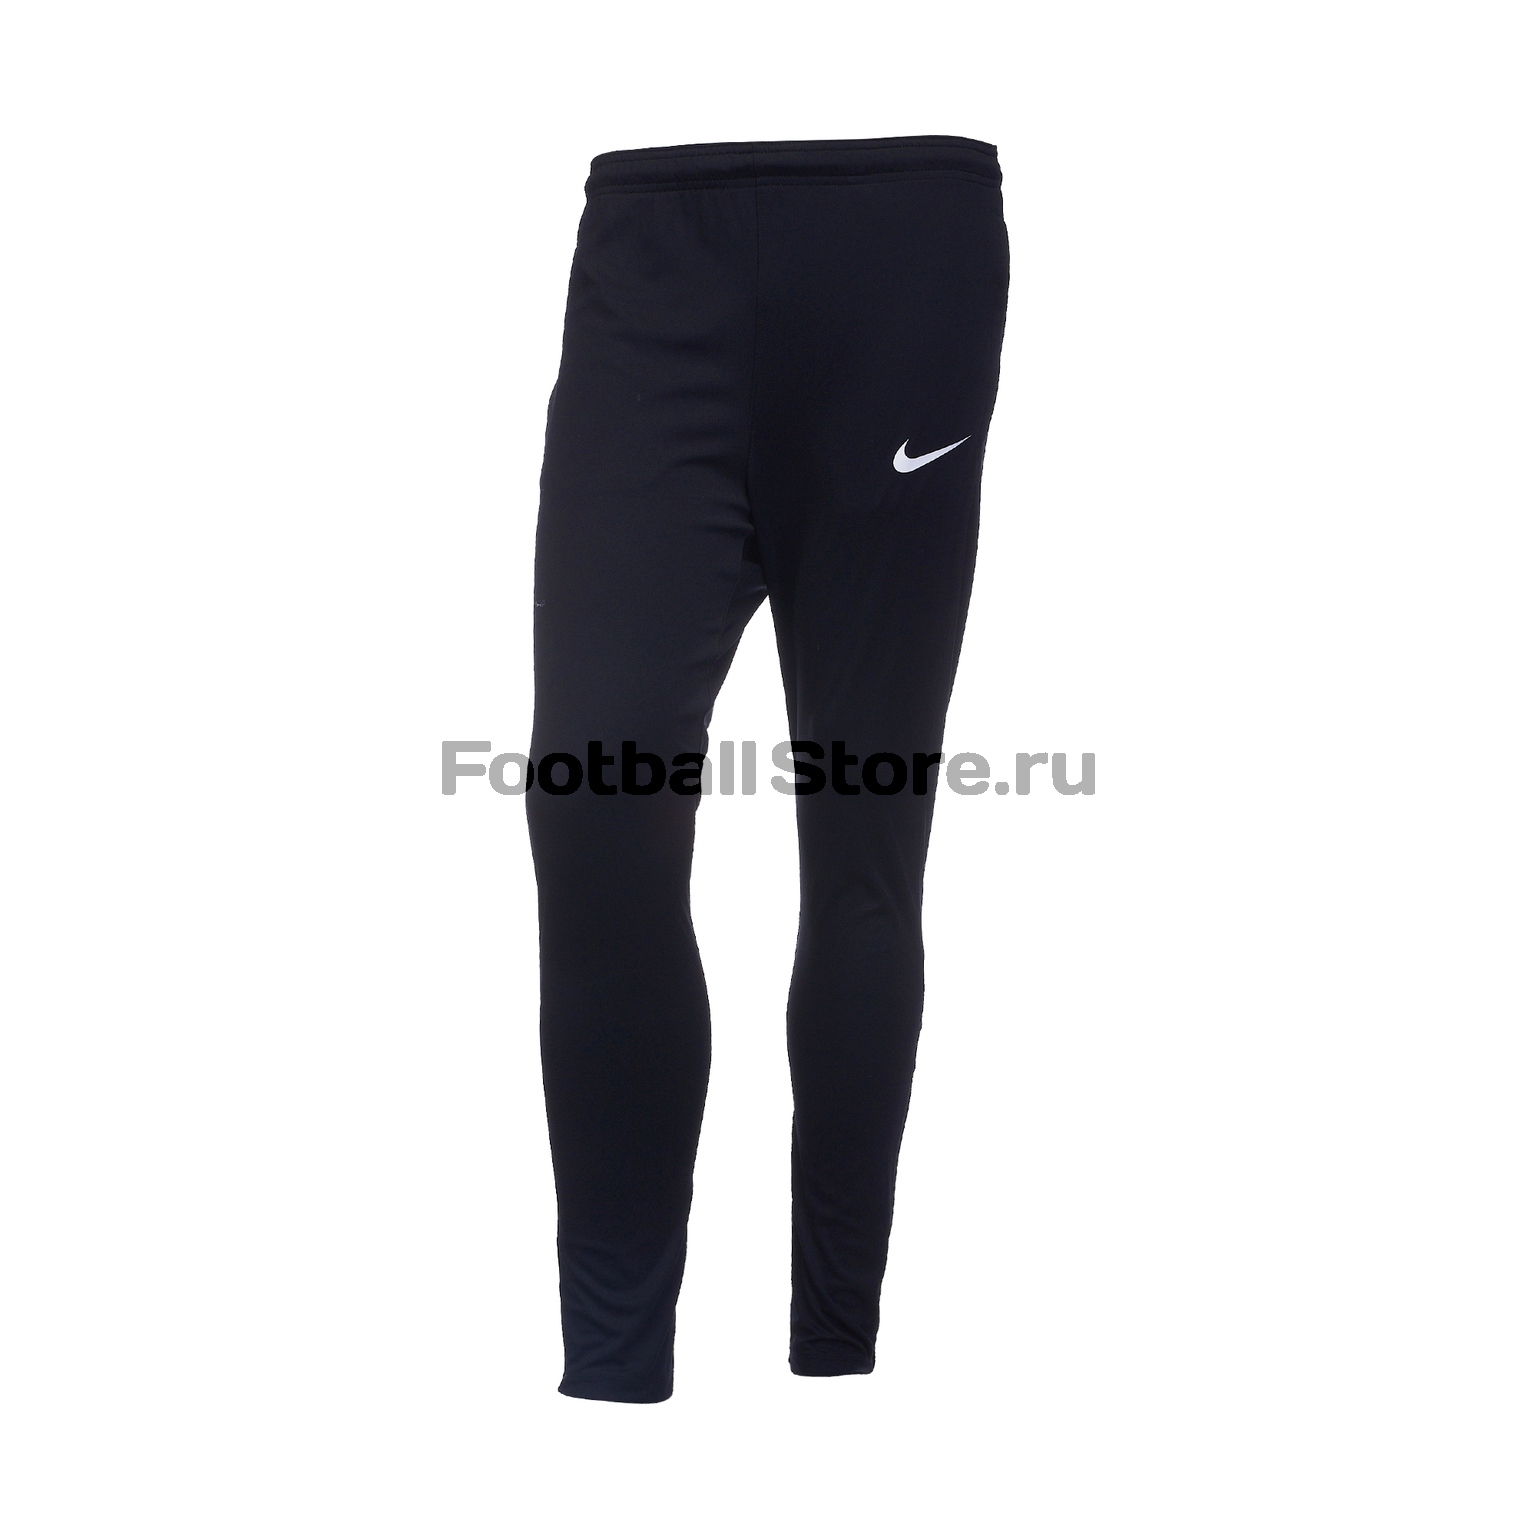 Брюки тренировочные Nike F.C. Pant KPZ AH8450-011 брюки nike брюки m nk dry sqd pant kpz